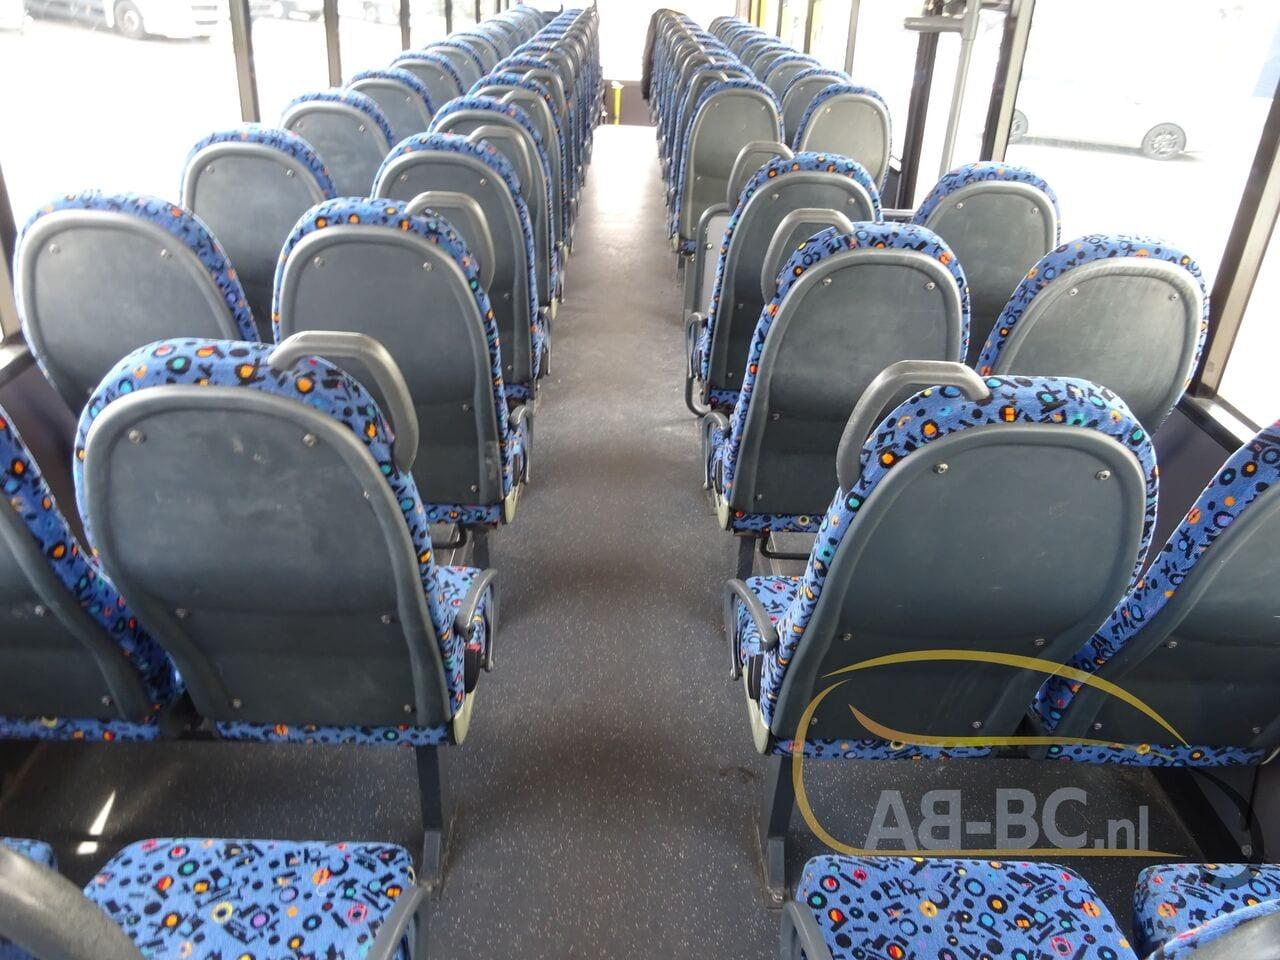 interurban-busMAN-Fast-64-seats---1619620032031236371_big_88198cadc27ecccf86ae24c4ab2103fb--21042817163019598600